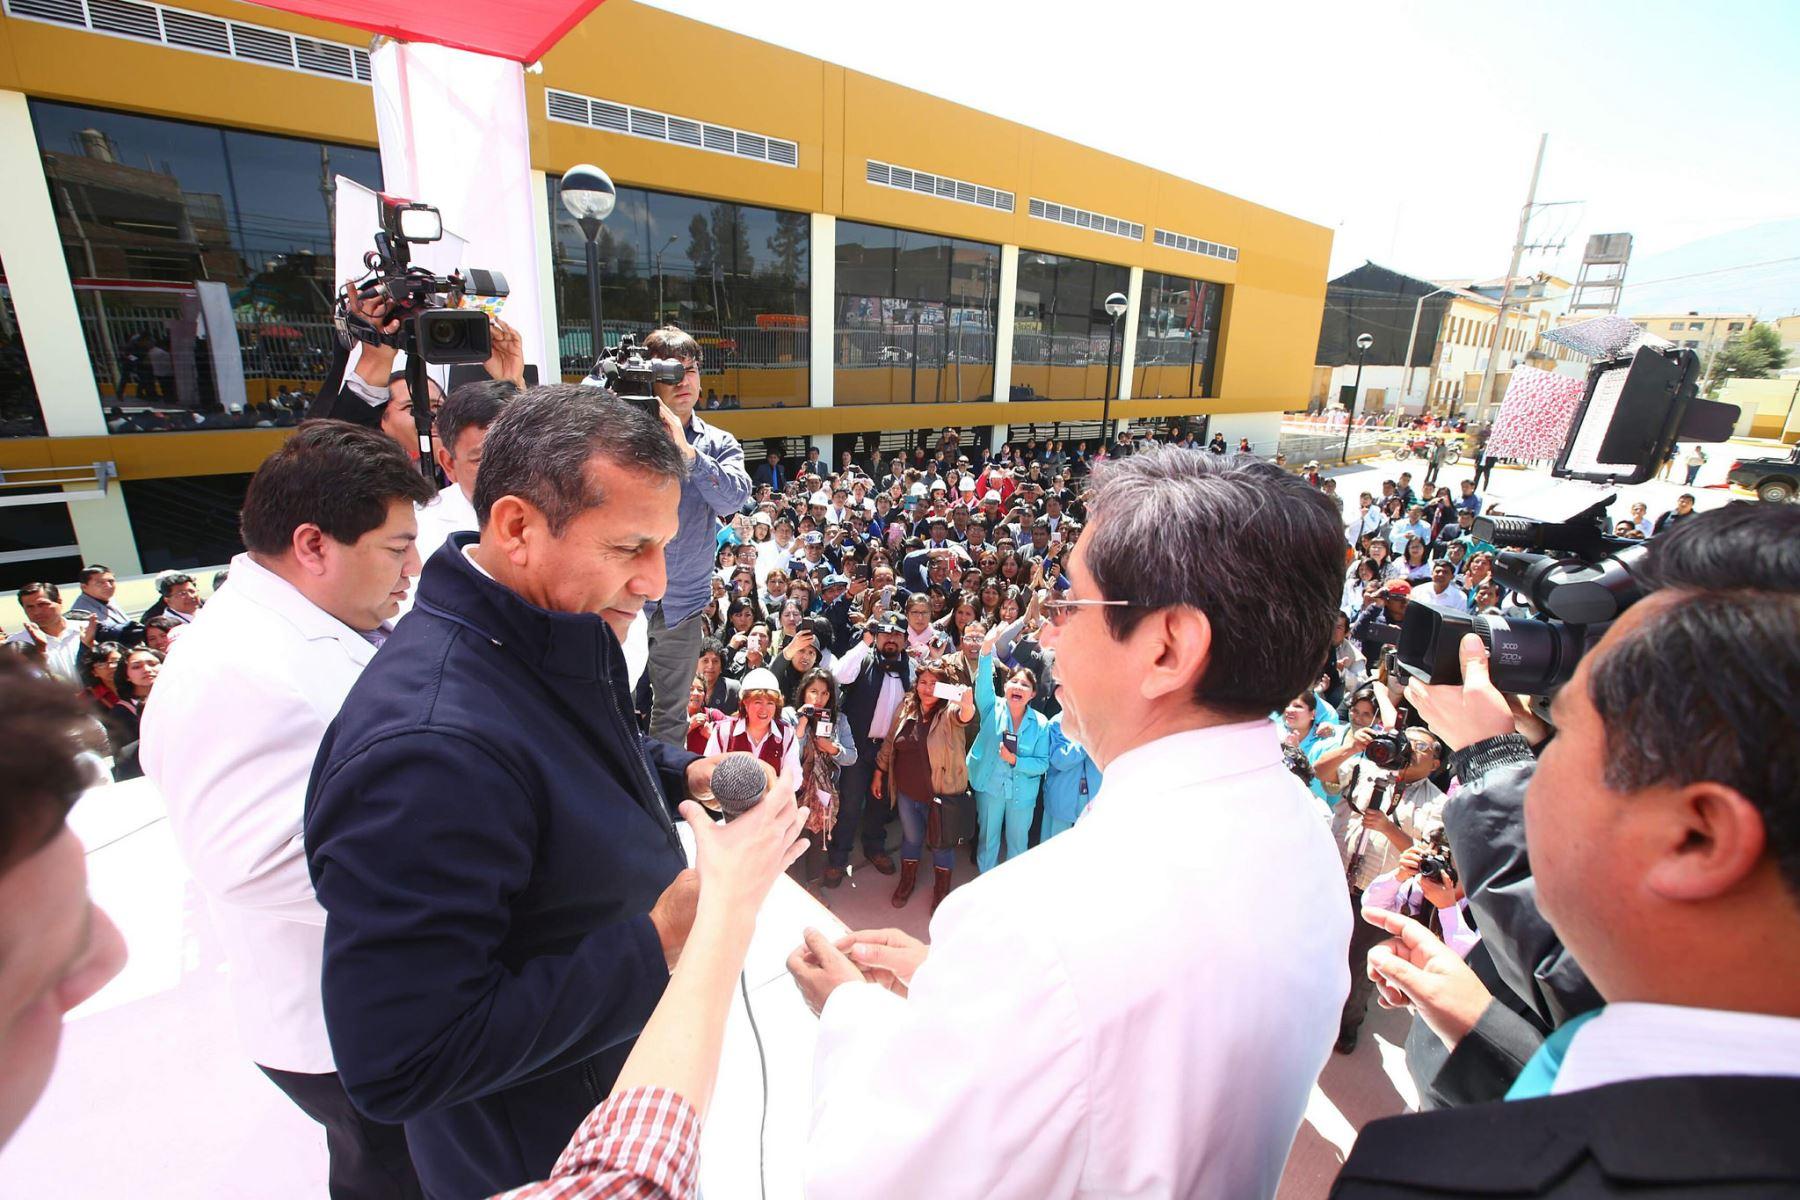 http://portal.andina.com.pe/EDPfotografia3/Thumbnail/2016/07/19/000366140W.jpg